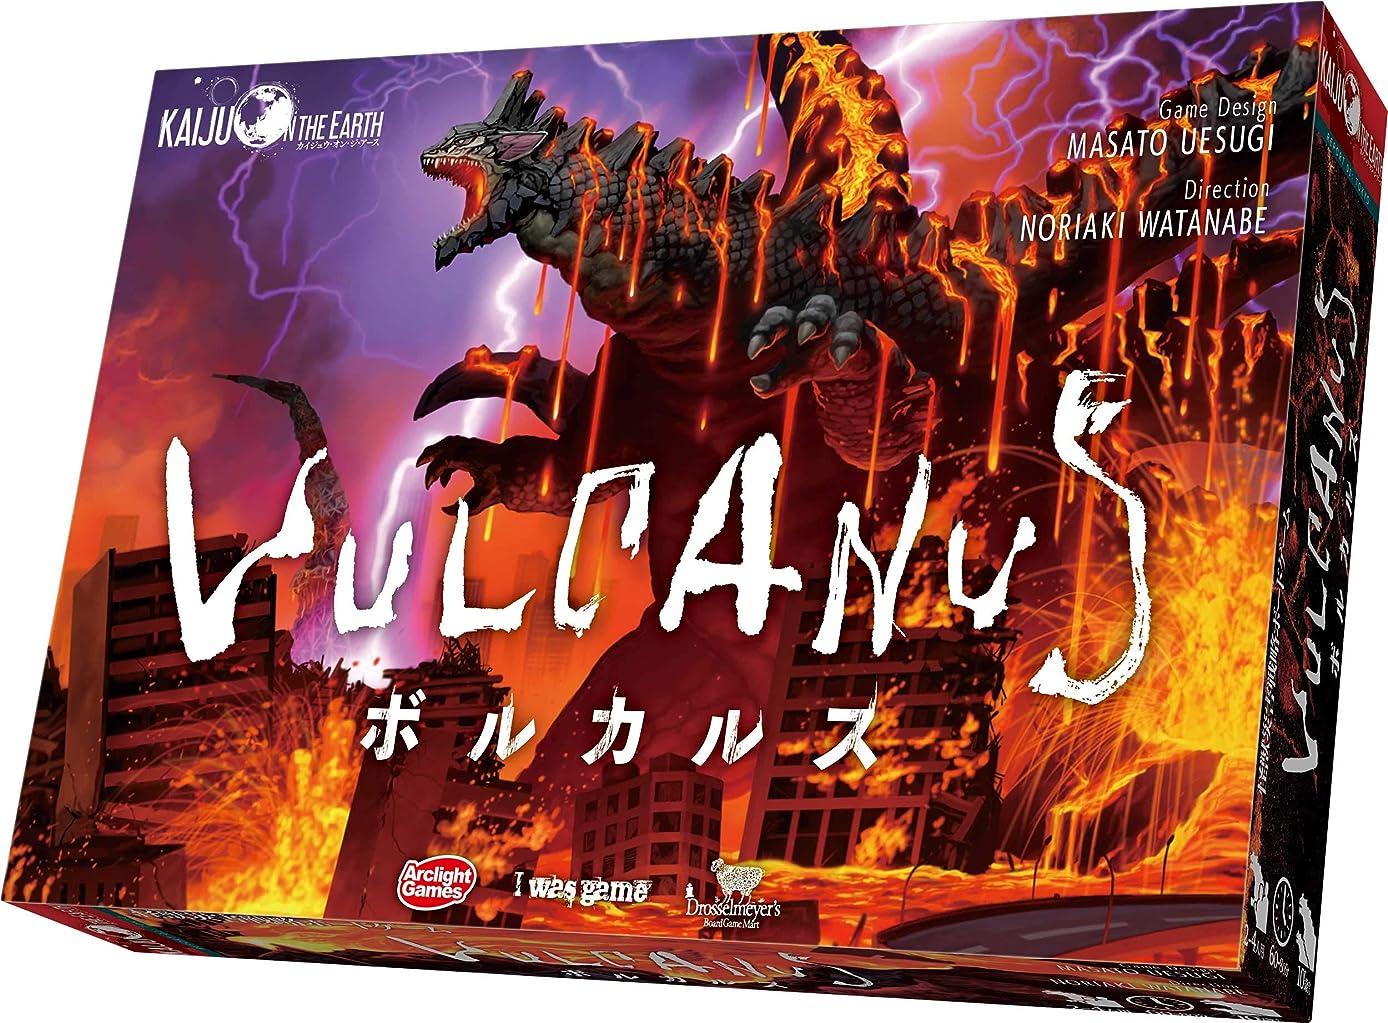 息苦しい前兆拒絶するボルカルス (Kaiju on the Earth)